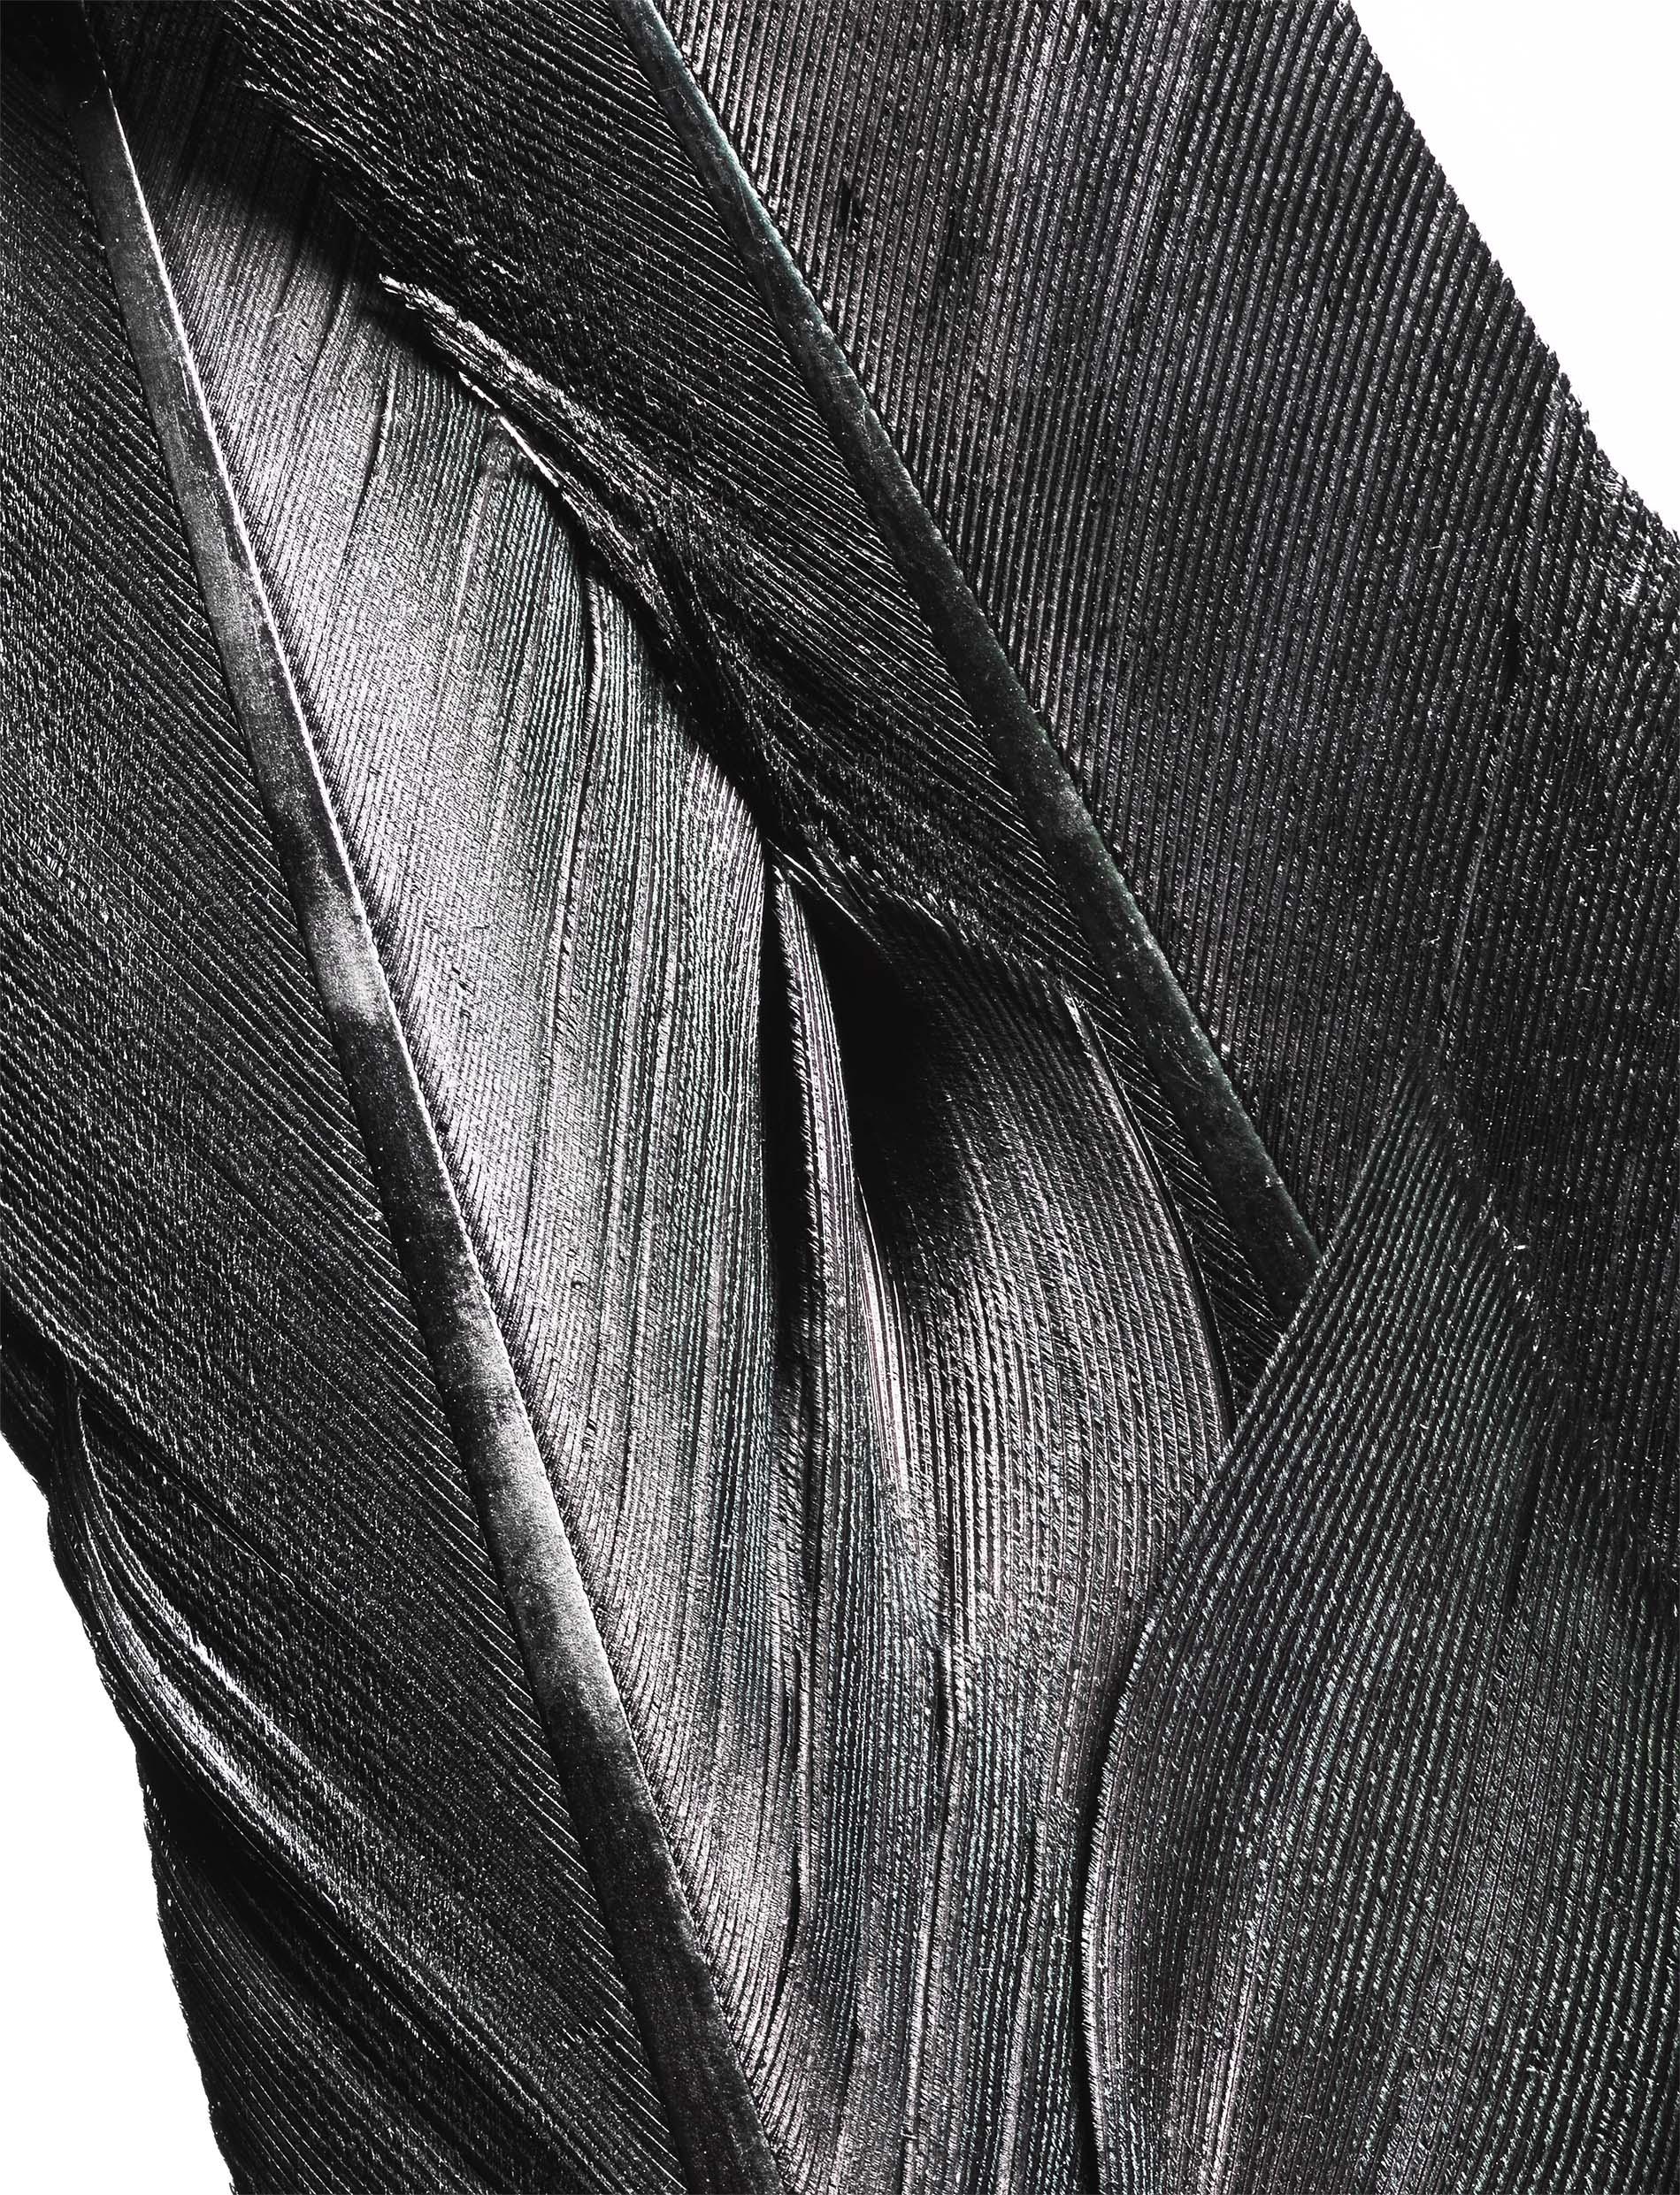 01,feather_01_N02.jpg